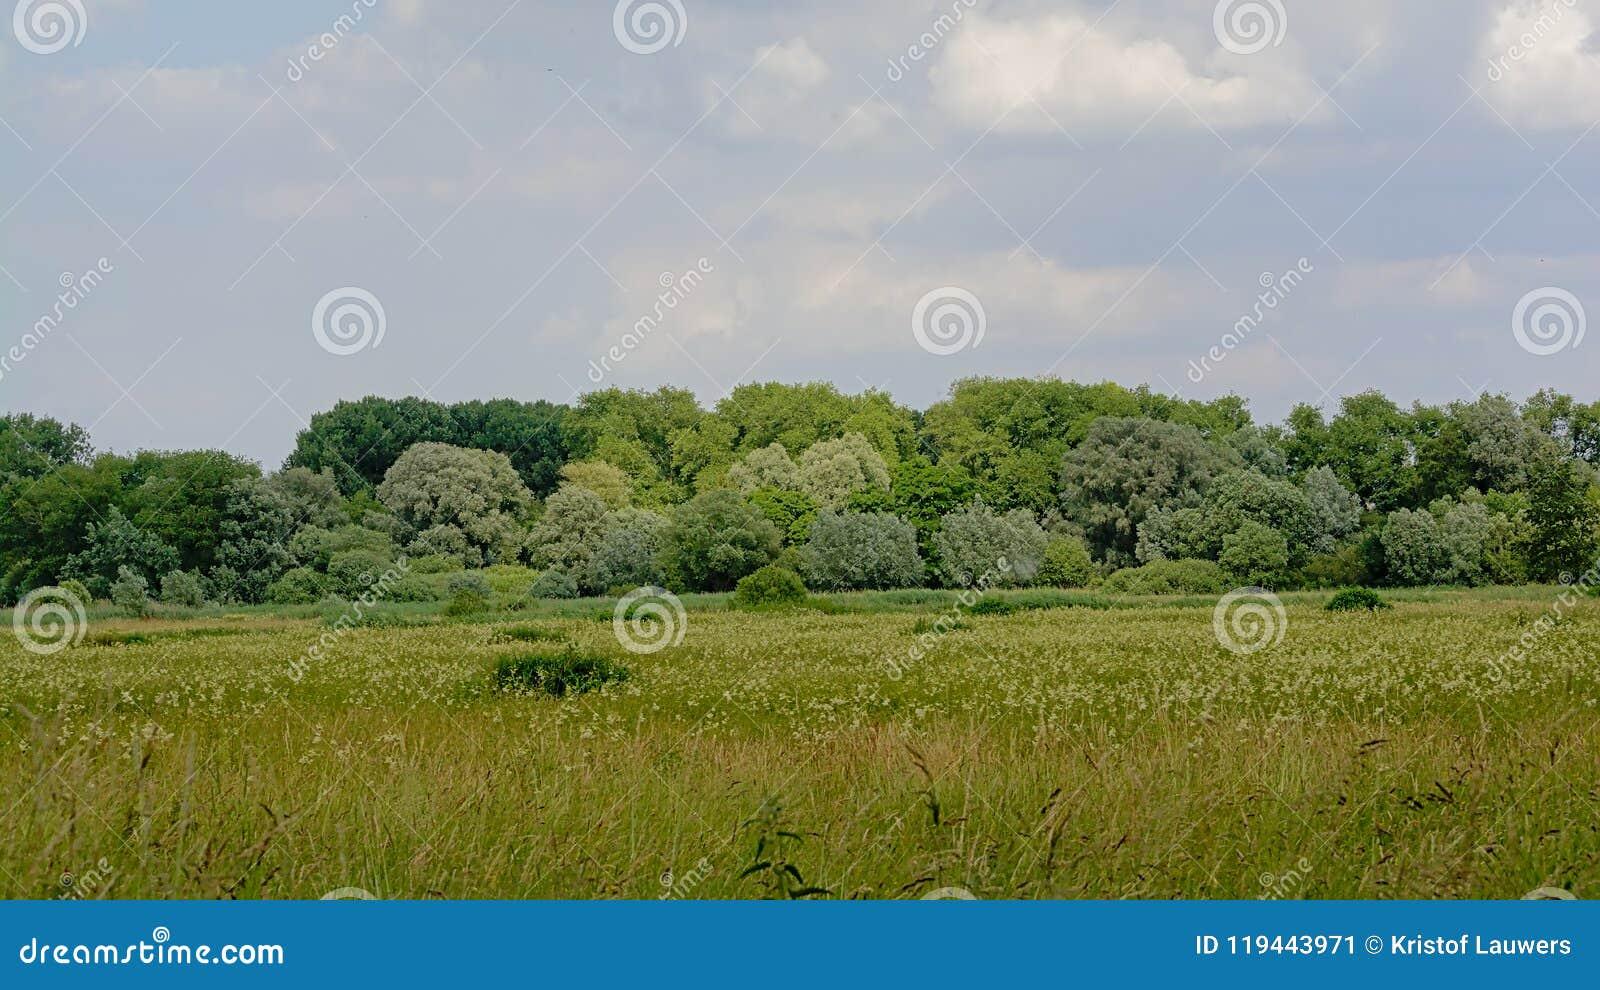 Wetlands in Kalkense Meersen nature reserve, Flanders, Belgium